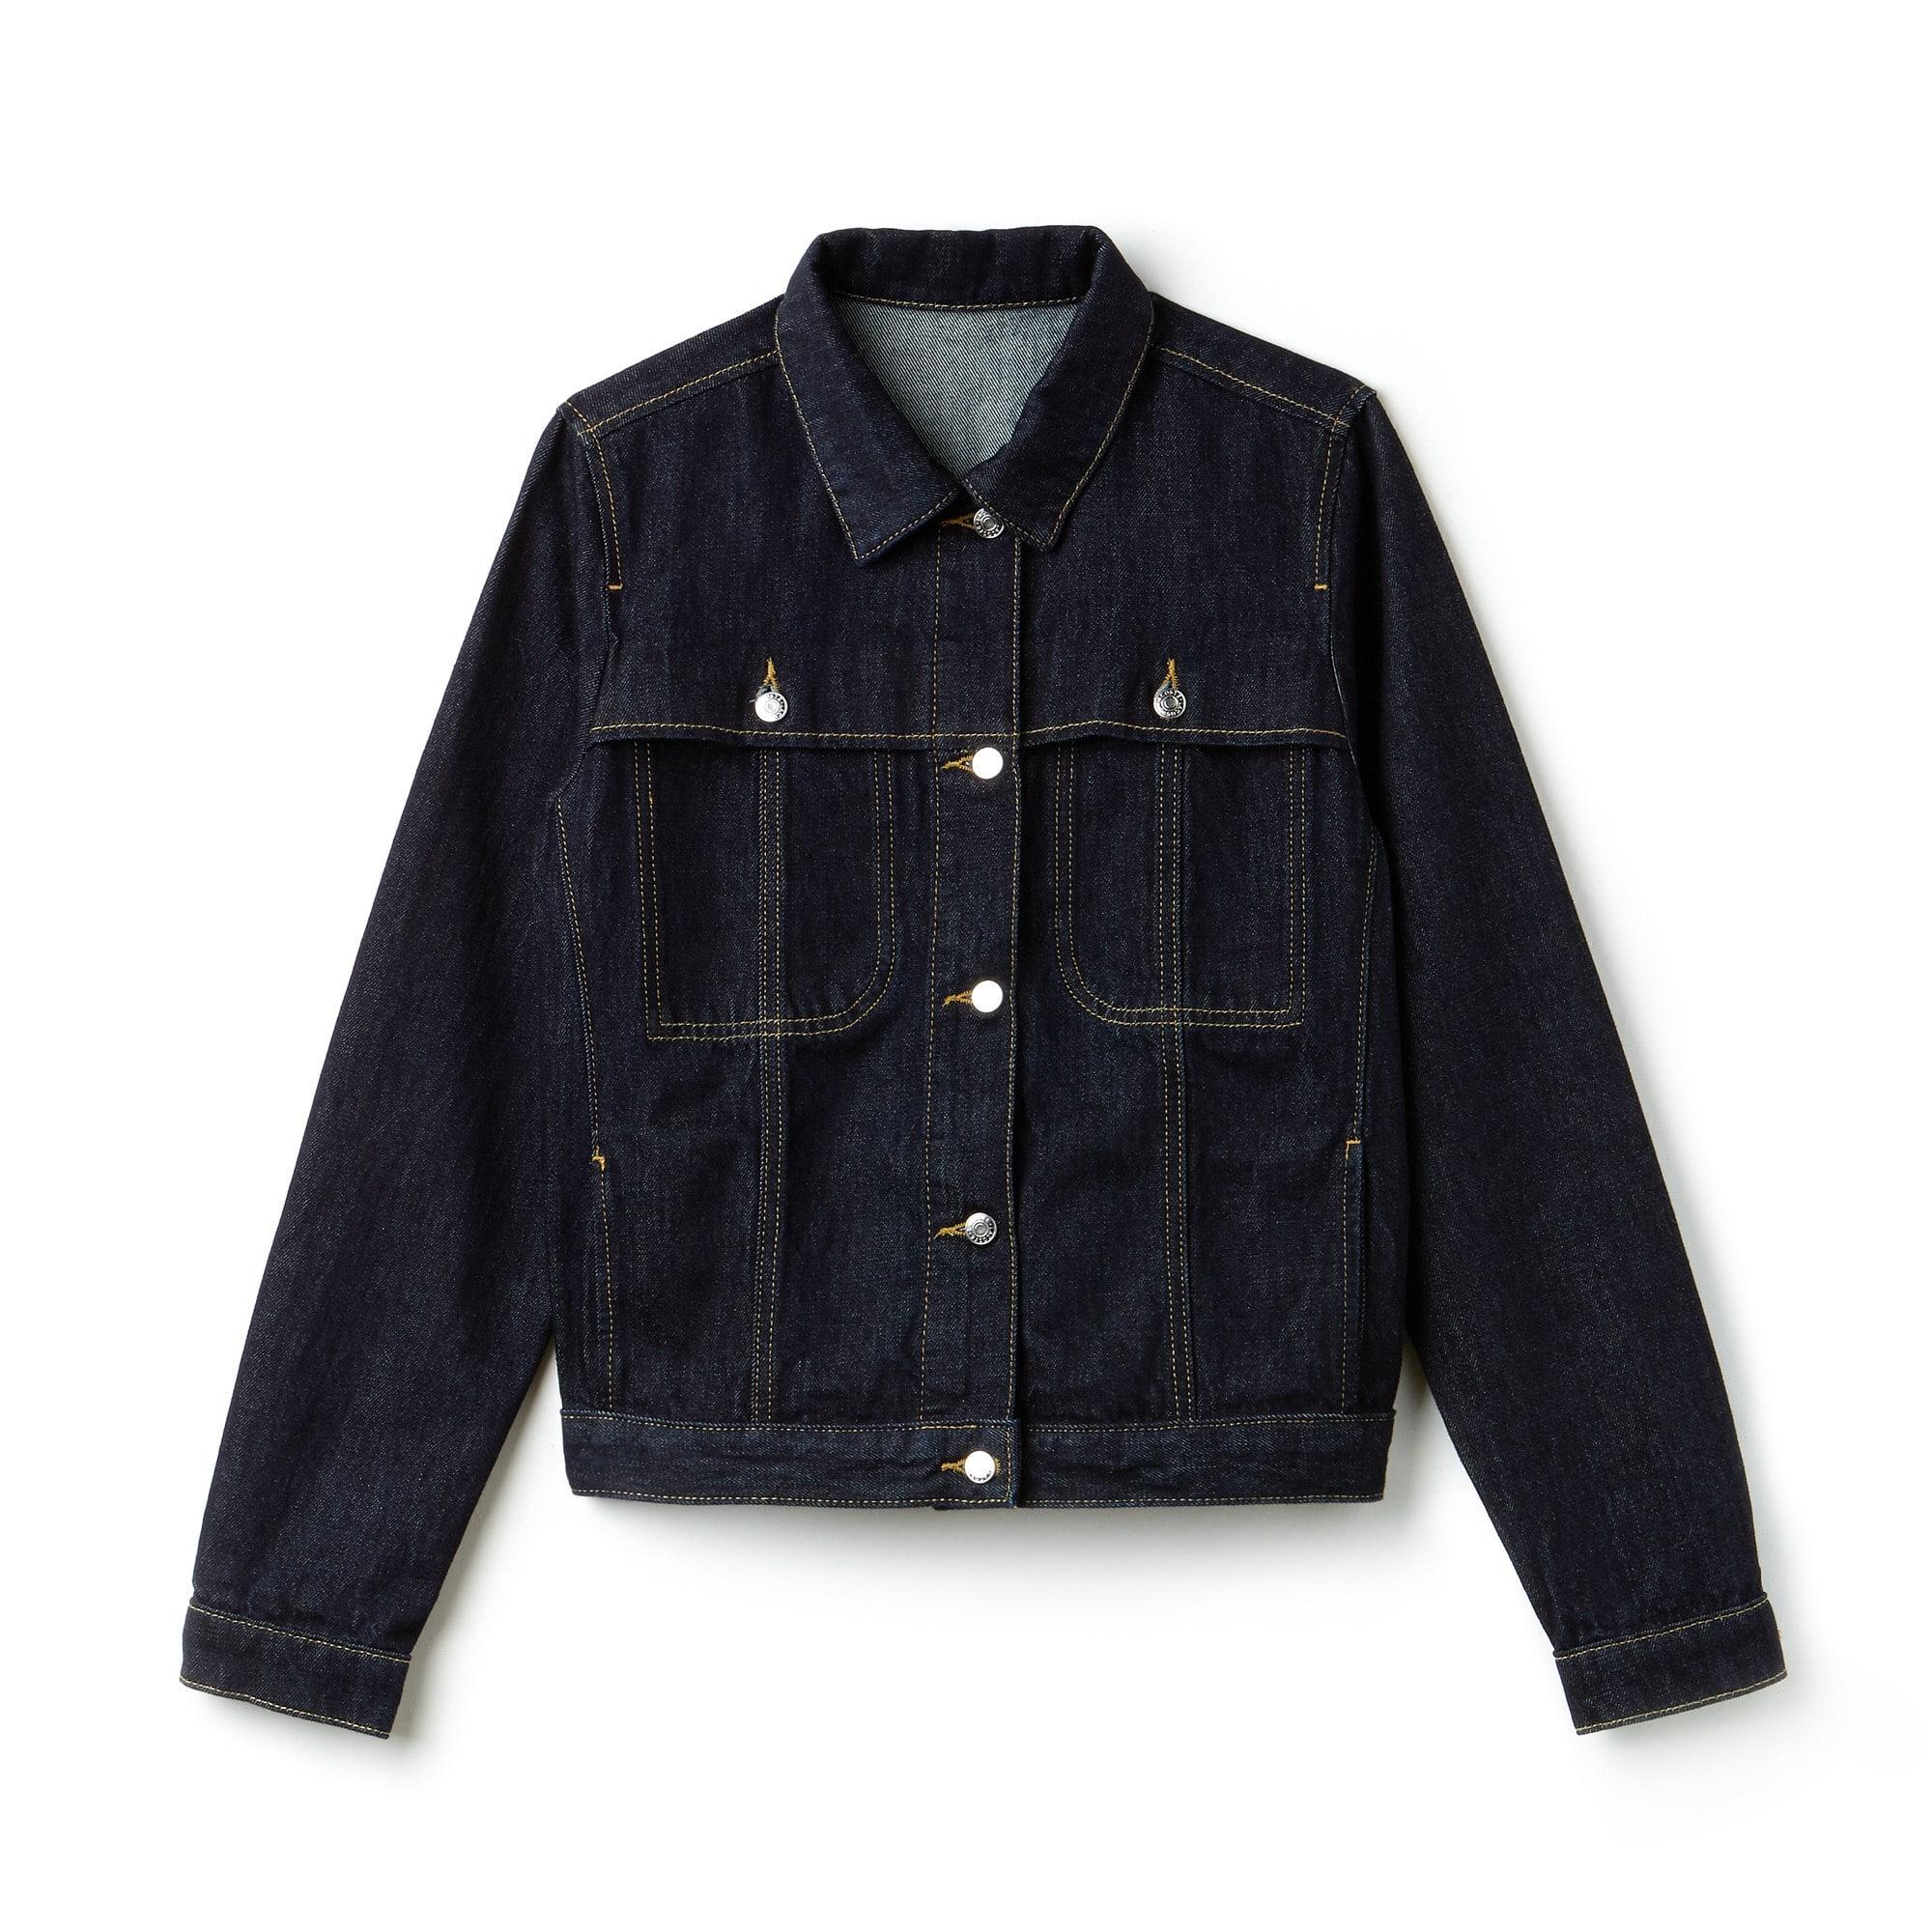 Veste courte boutonnée en jean